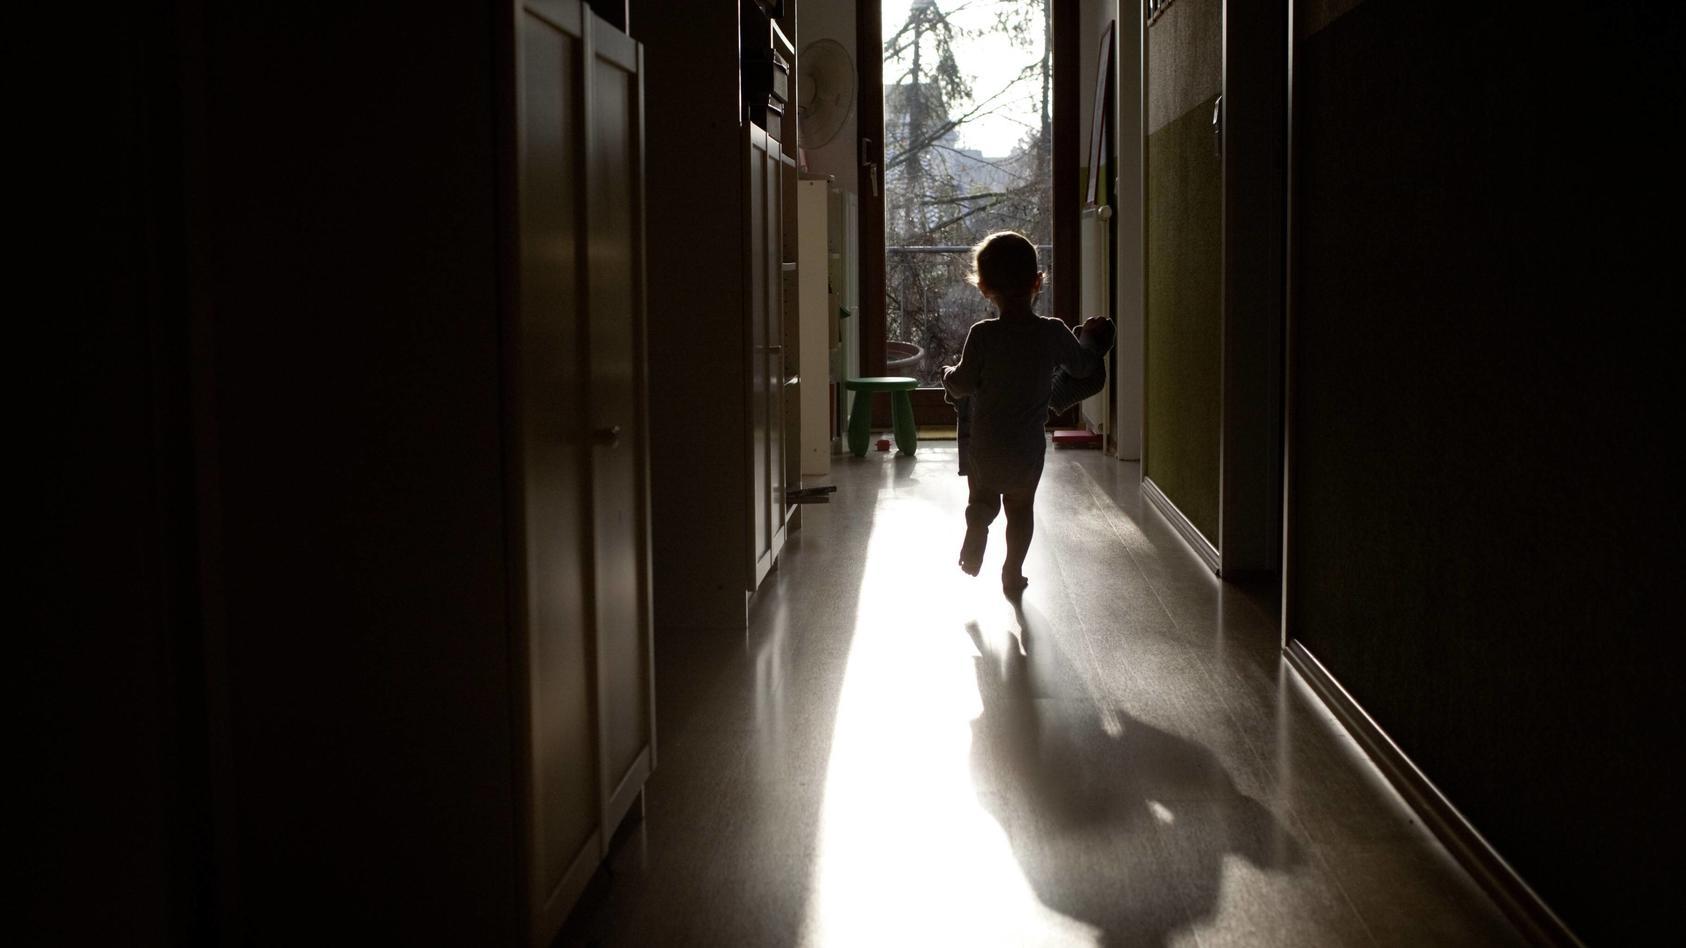 Tim aus Querfurt (Sachsen-Anhalt) war erst zwei Jahre alt. Was ihm 2020 angetan worden ist, hat RTL-Autorin Christina Warnat nachhaltig erschüttert. Tims Schicksal ist eines von vielen. Es passiert jeden Tag hinter verschlossenen Türen: Missbrauch, Schläge, Vernachlässigung.  (Foto: Symbolbild)